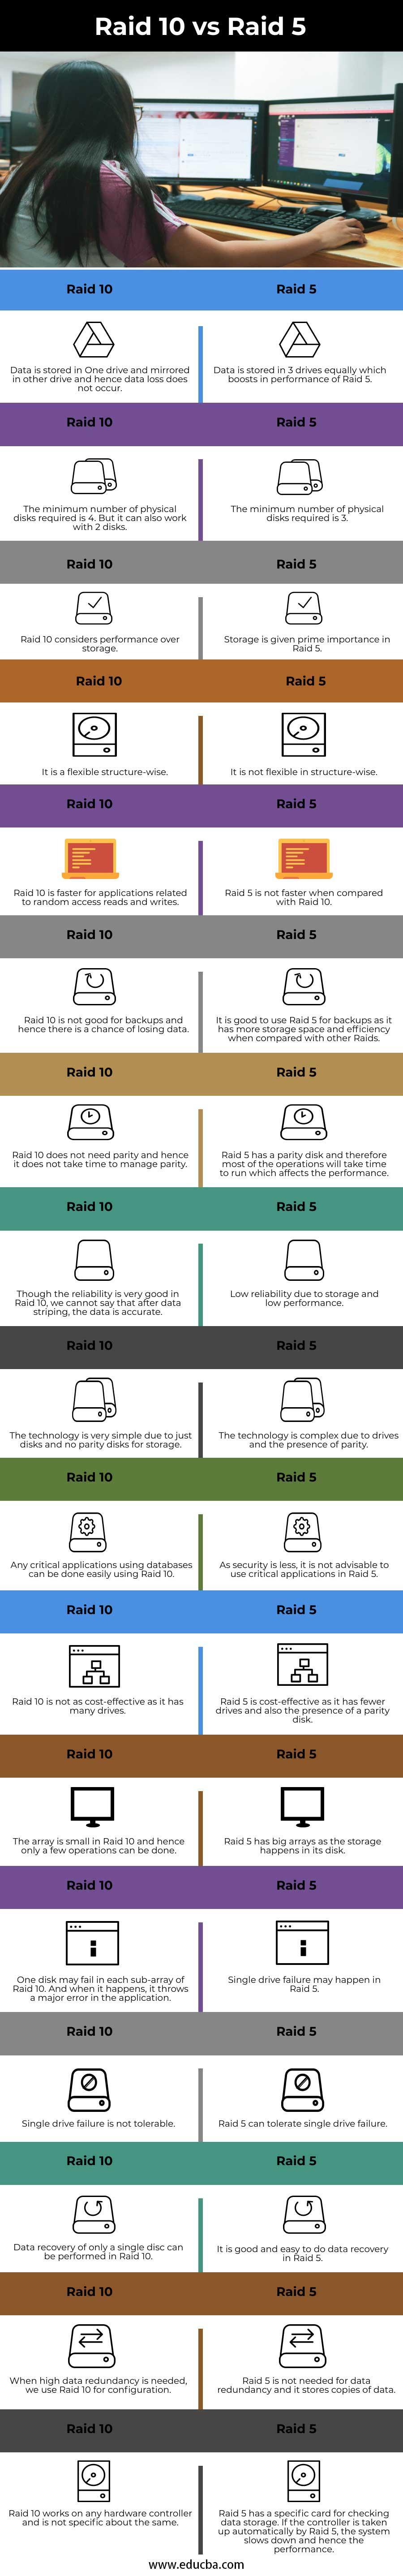 Raid 10 vs Raid 5 info